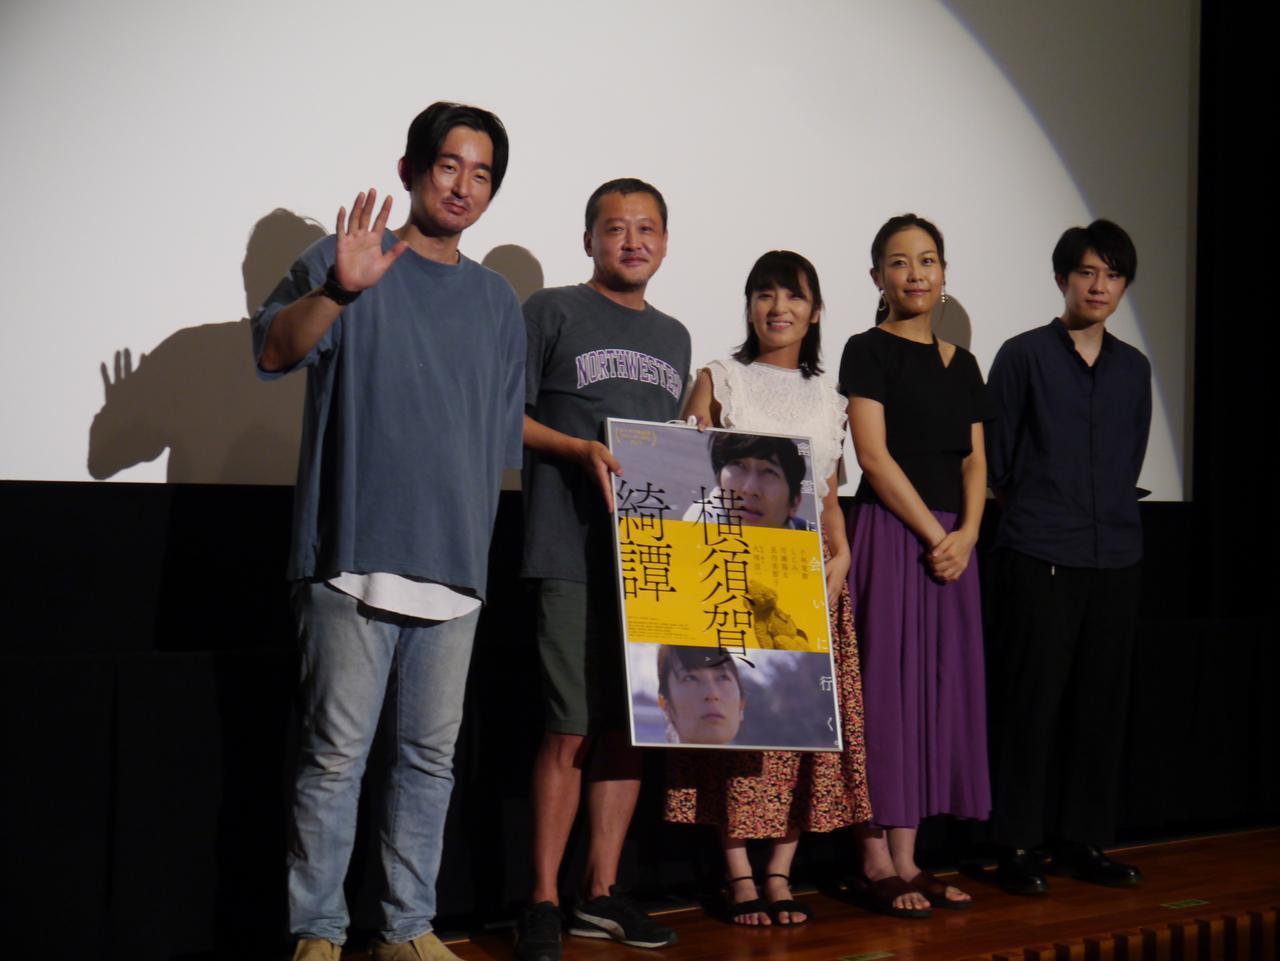 画像: 左より、大塚信一監督、川瀬陽太、しじみ、湯舟すぴか、長屋和彰